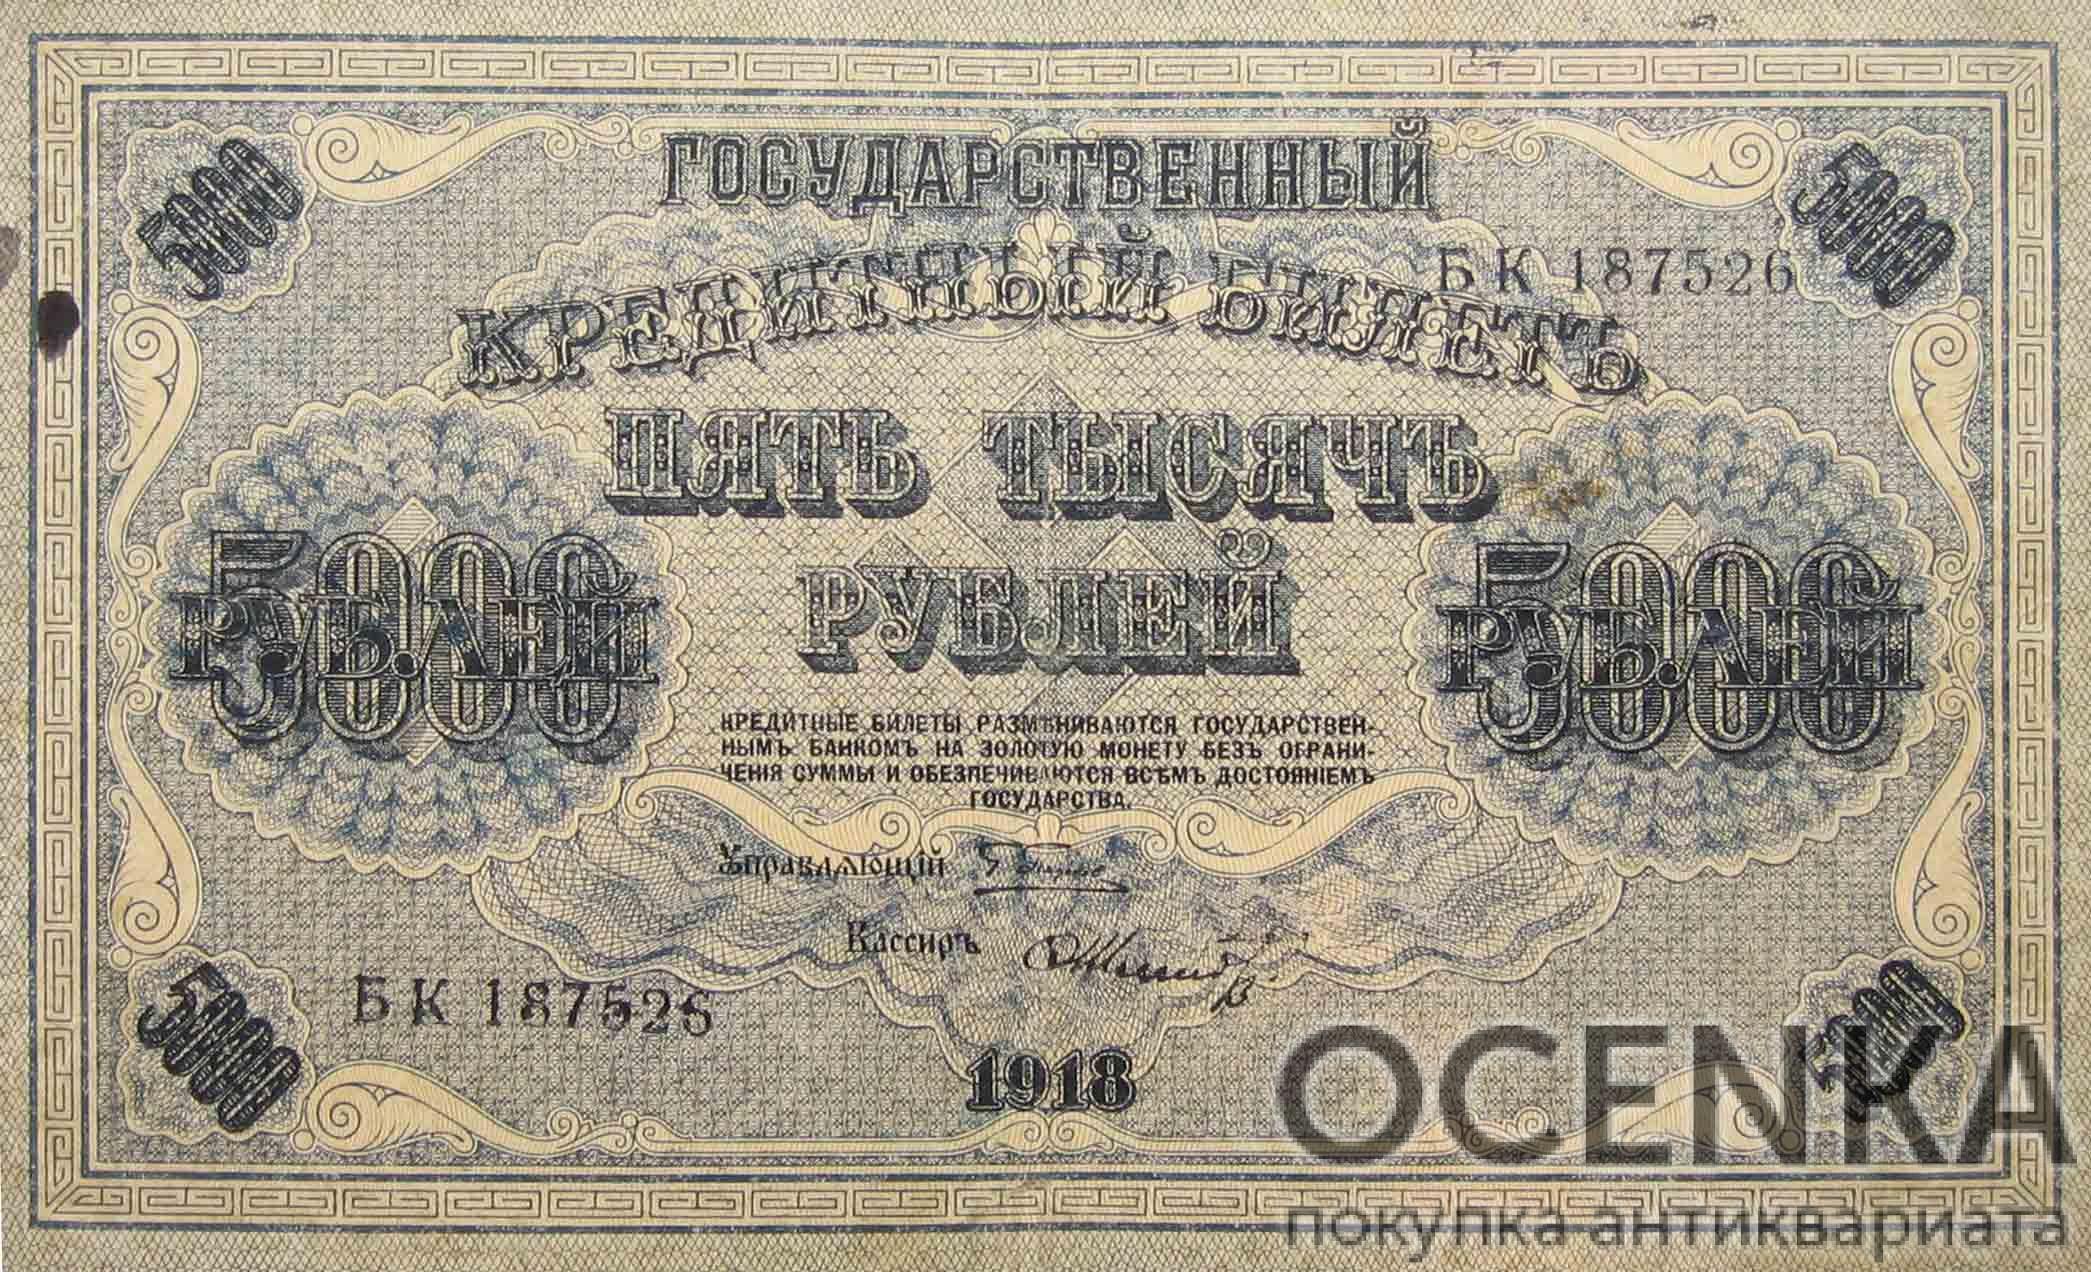 Банкнота РСФСР 5000 рублей 1918-1919 года